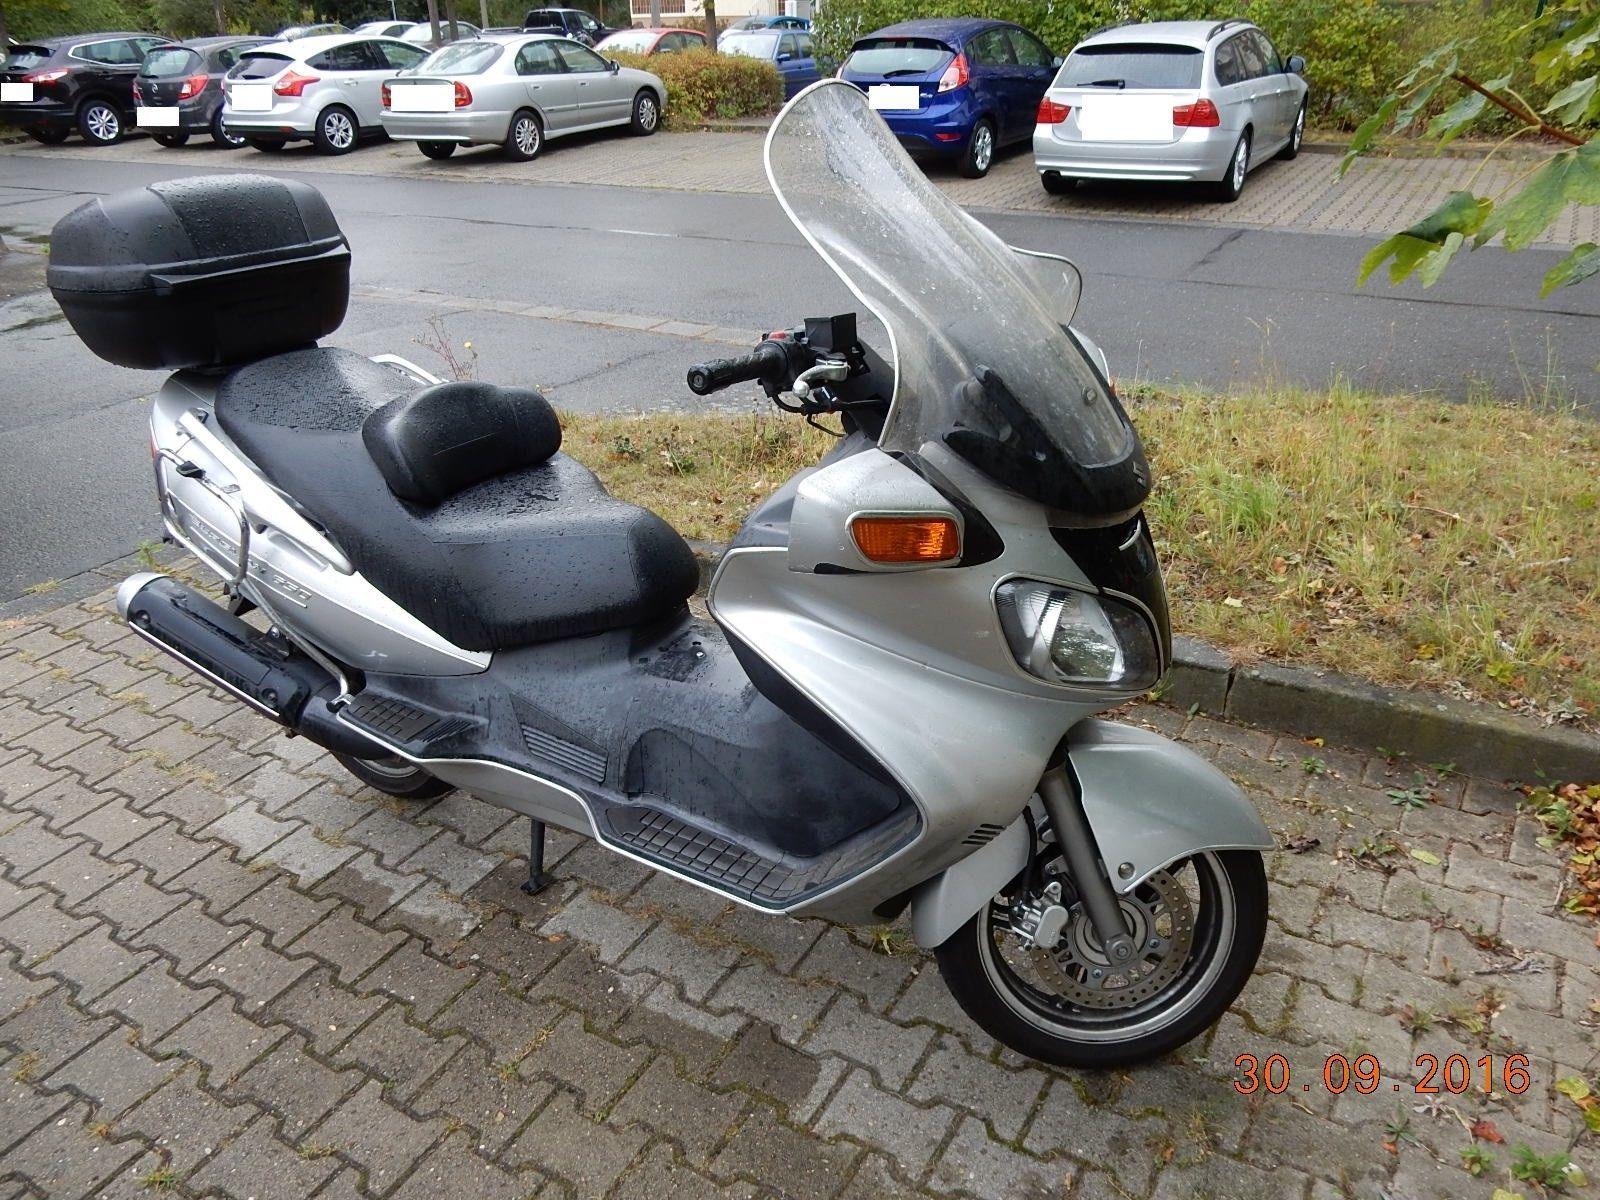 eBay.de - Mobiles günstiger - Suzuki Burgman AN650 | Mopeds